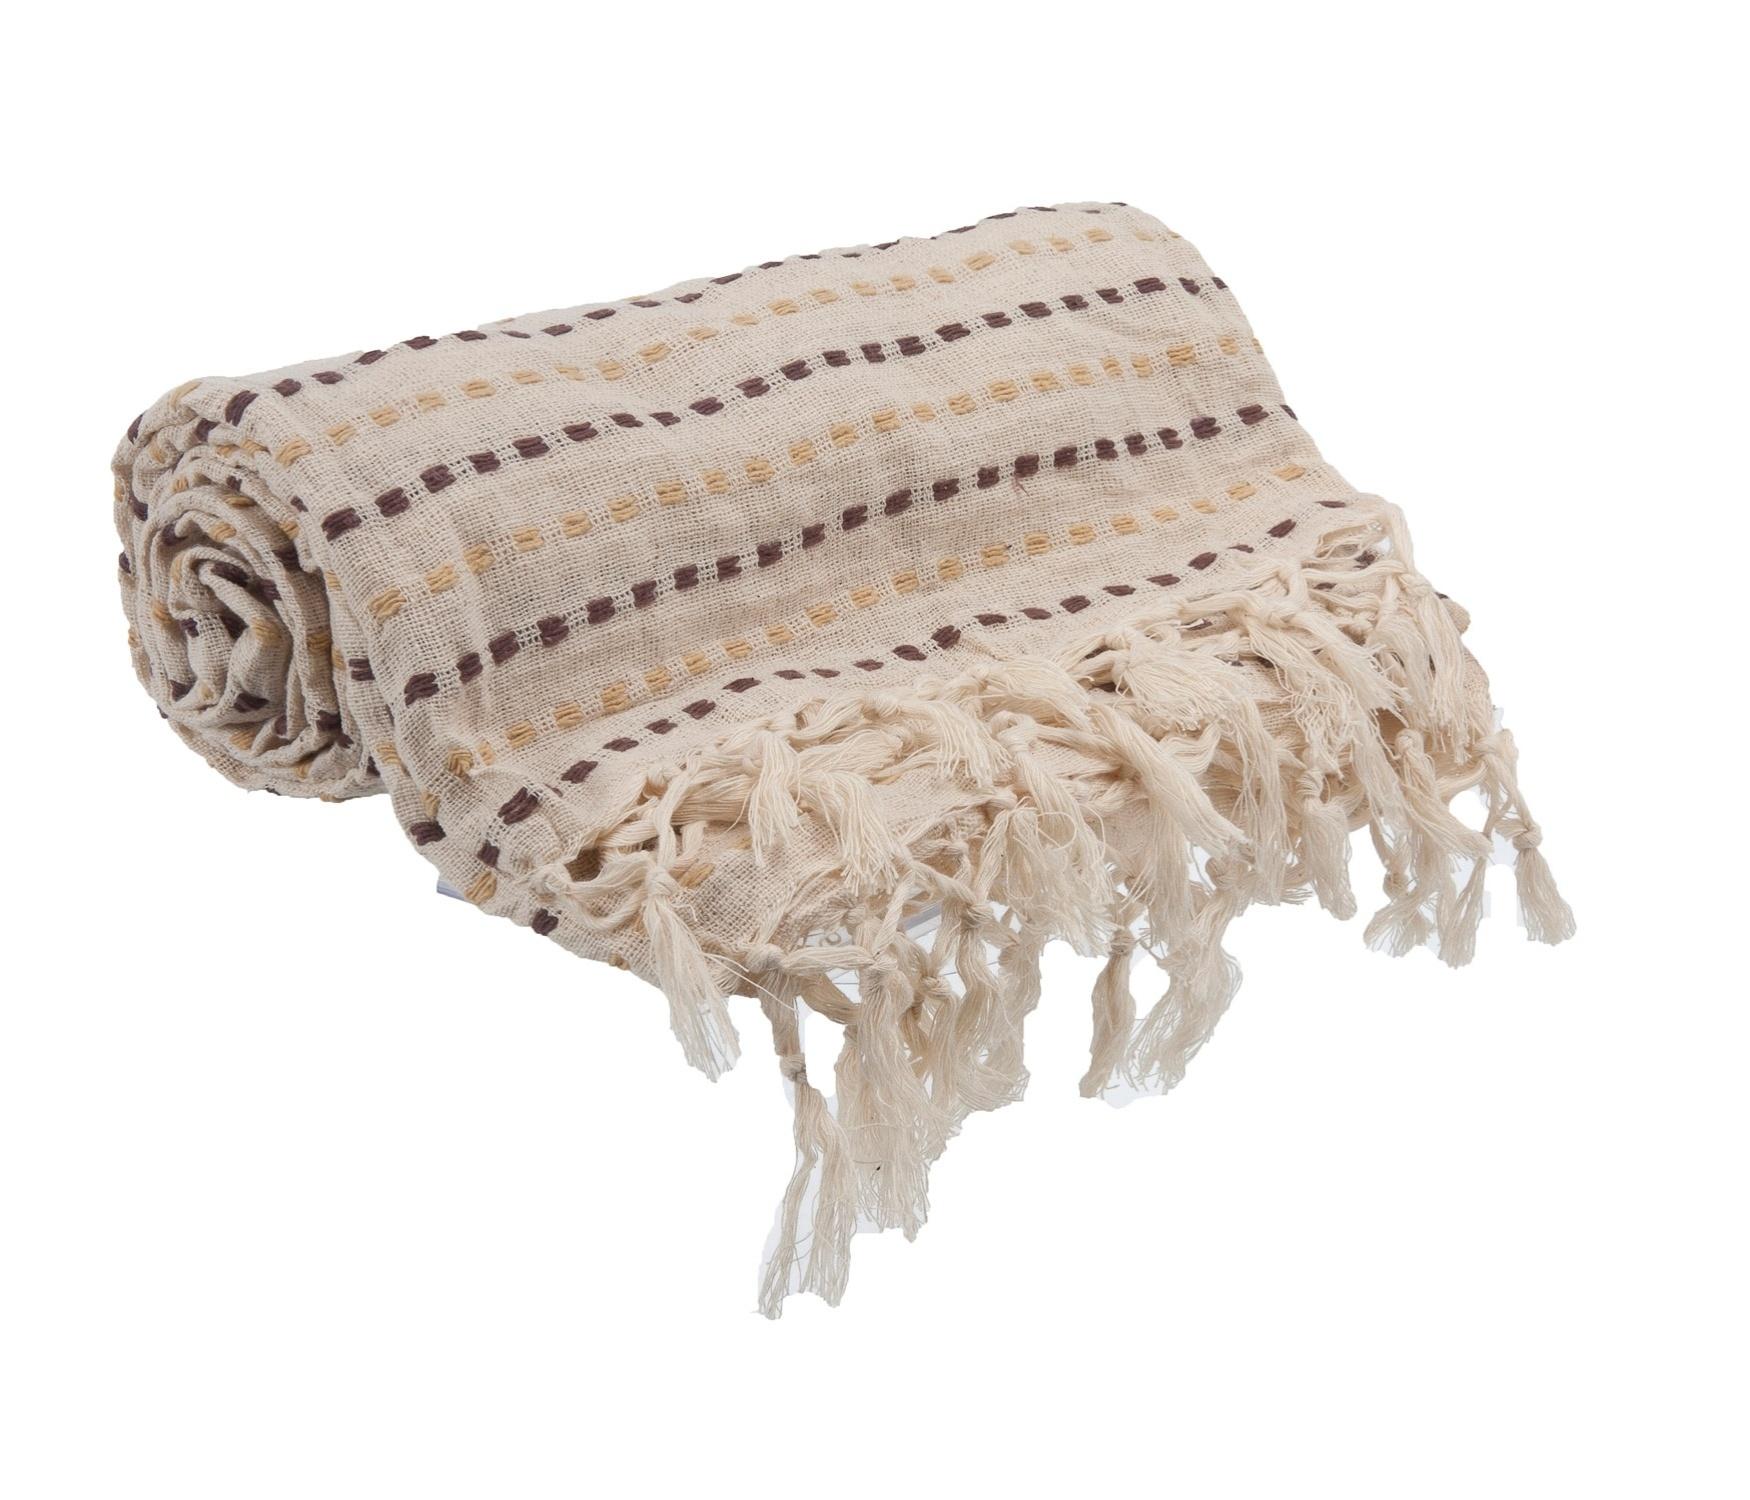 Feita de algodão, a manta Nanda mede 125 cm por 150 cm e pode ser comprada na Etna (www.etna.com.br) I Outras informações podem ser obtidas com o fornecedor